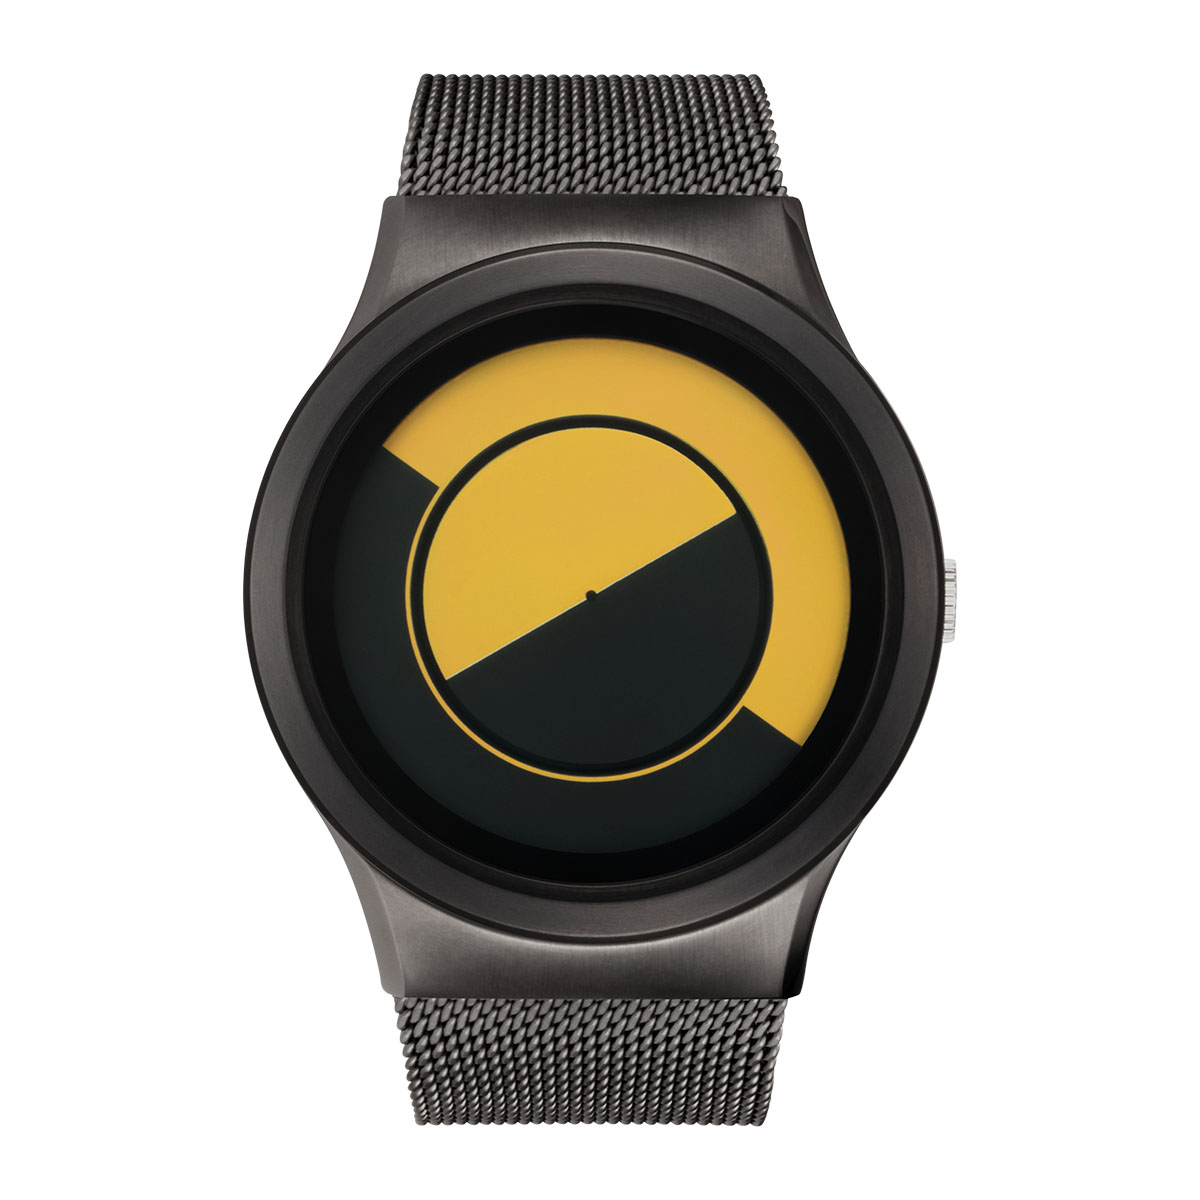 ZEROO QUARTER MOON ゼロ 電池式クォーツ 腕時計 [W08034B02SM02] イエロー デザインウォッチ ペア用 メンズ レディース ユニセックス おしゃれ時計 デザイナーズ